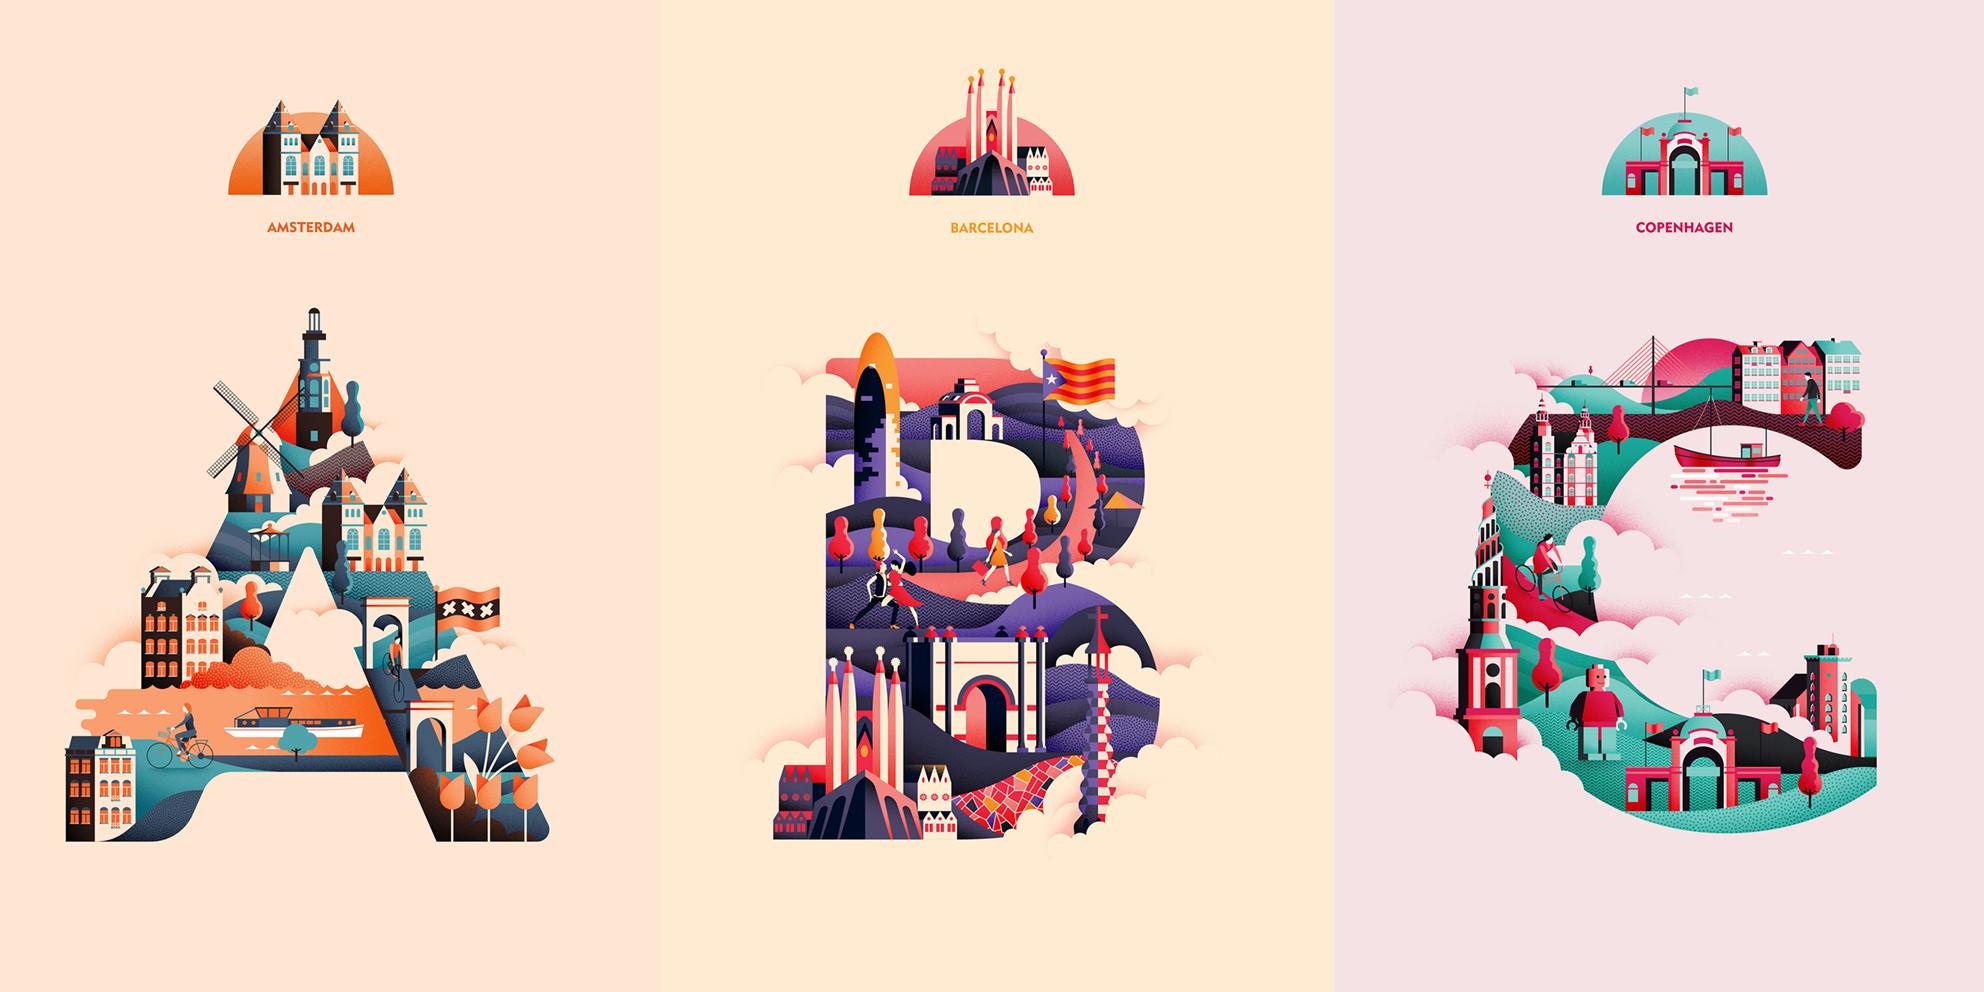 El abecedario de viajes ilustrado de Jack Daly